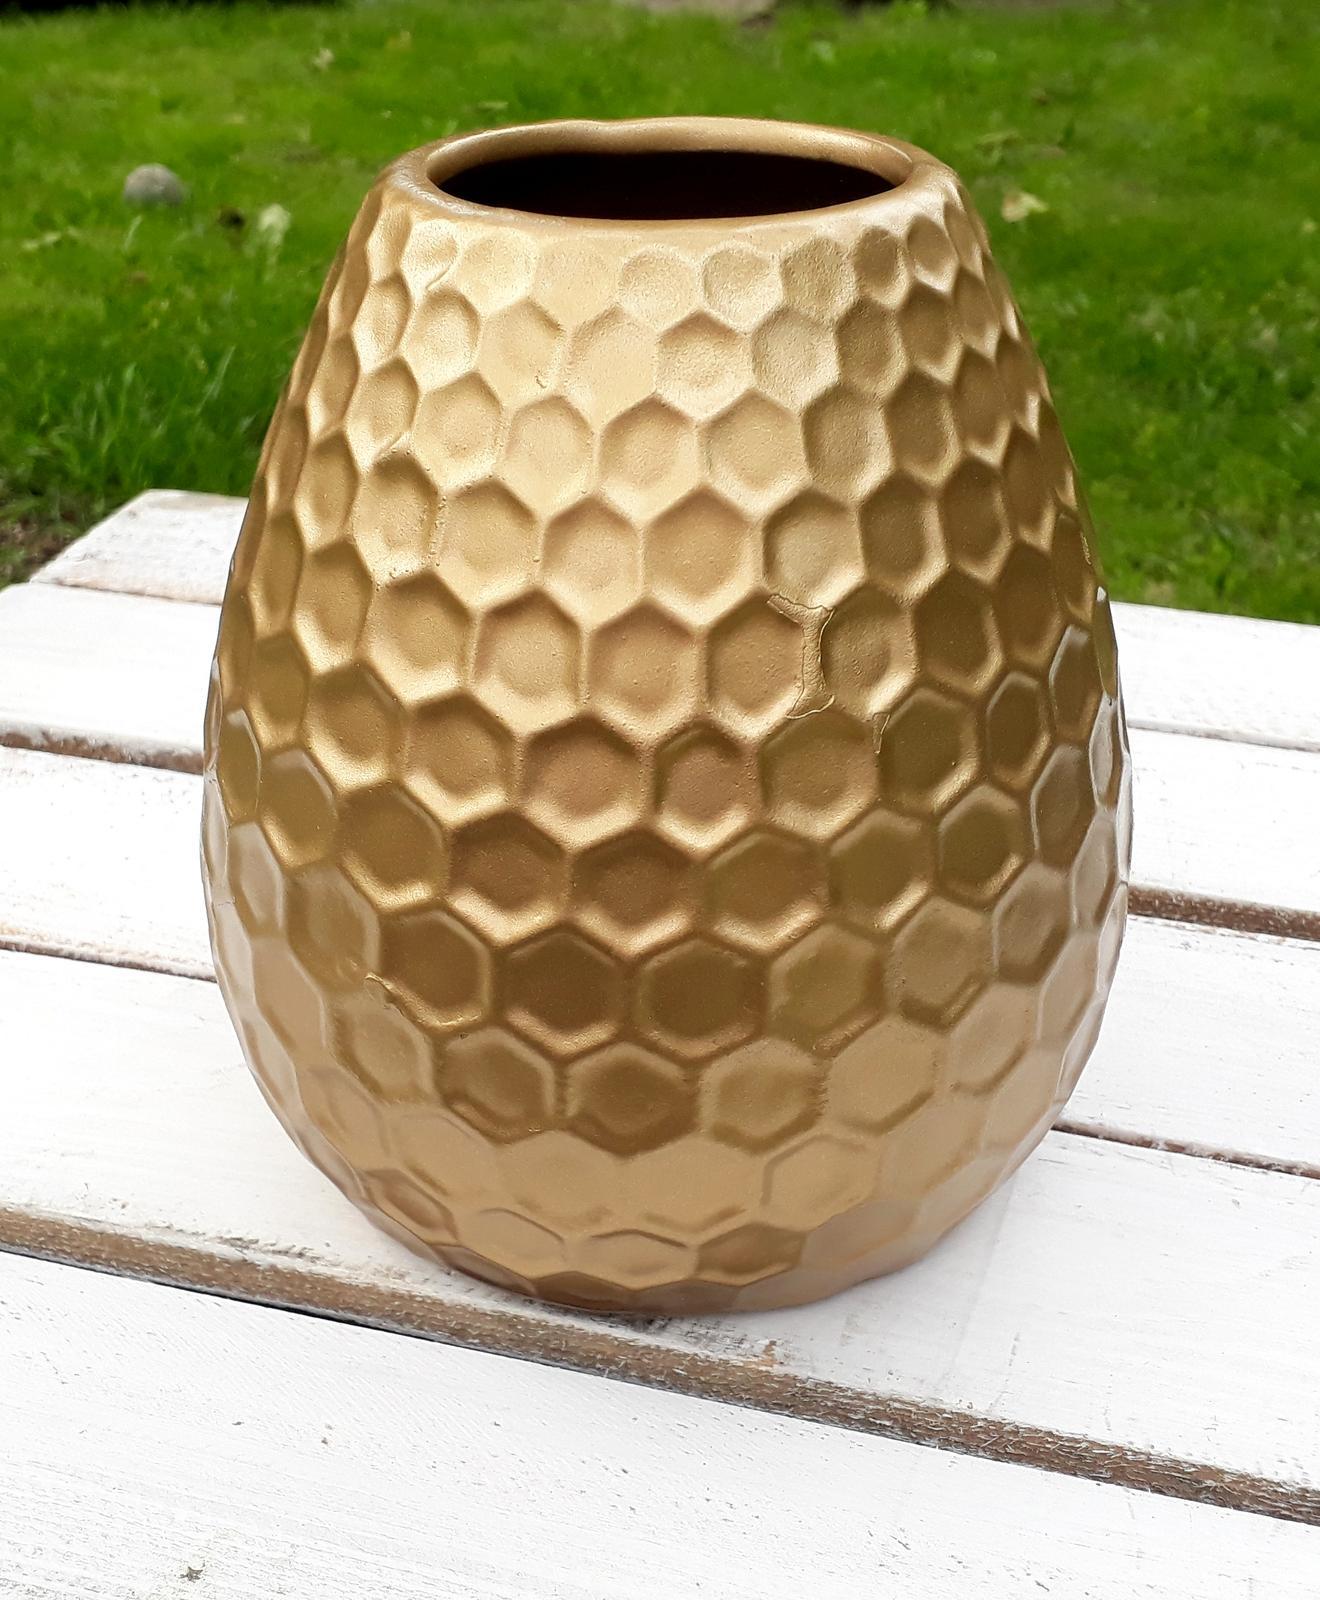 Zlatá váza - rezervováno - Obrázek č. 1